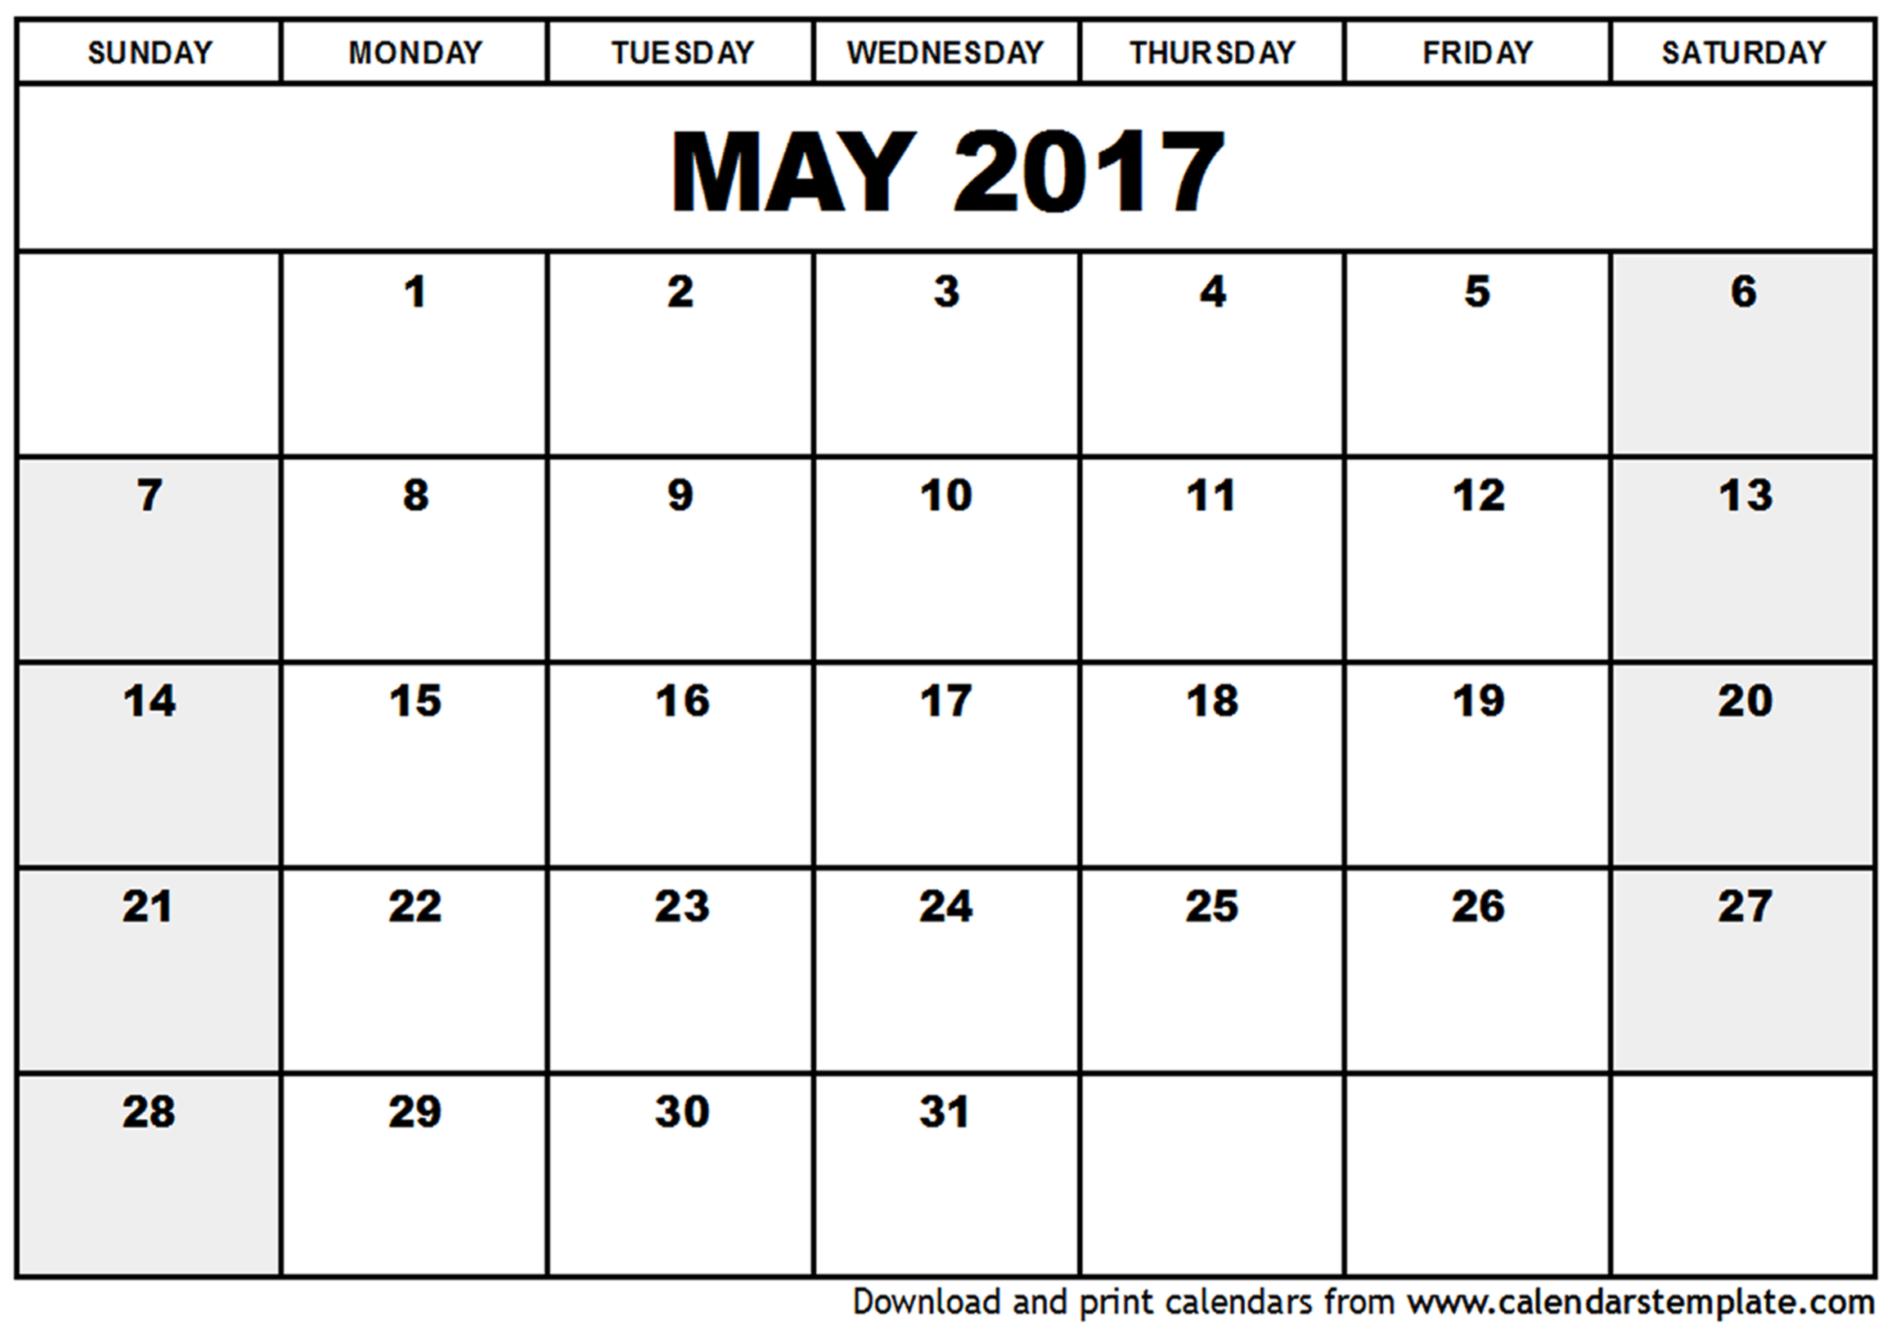 May 2017 Calendar Hong Kong 2  Free Printable Calendar for Hong Kong Calendar 2020 Excel